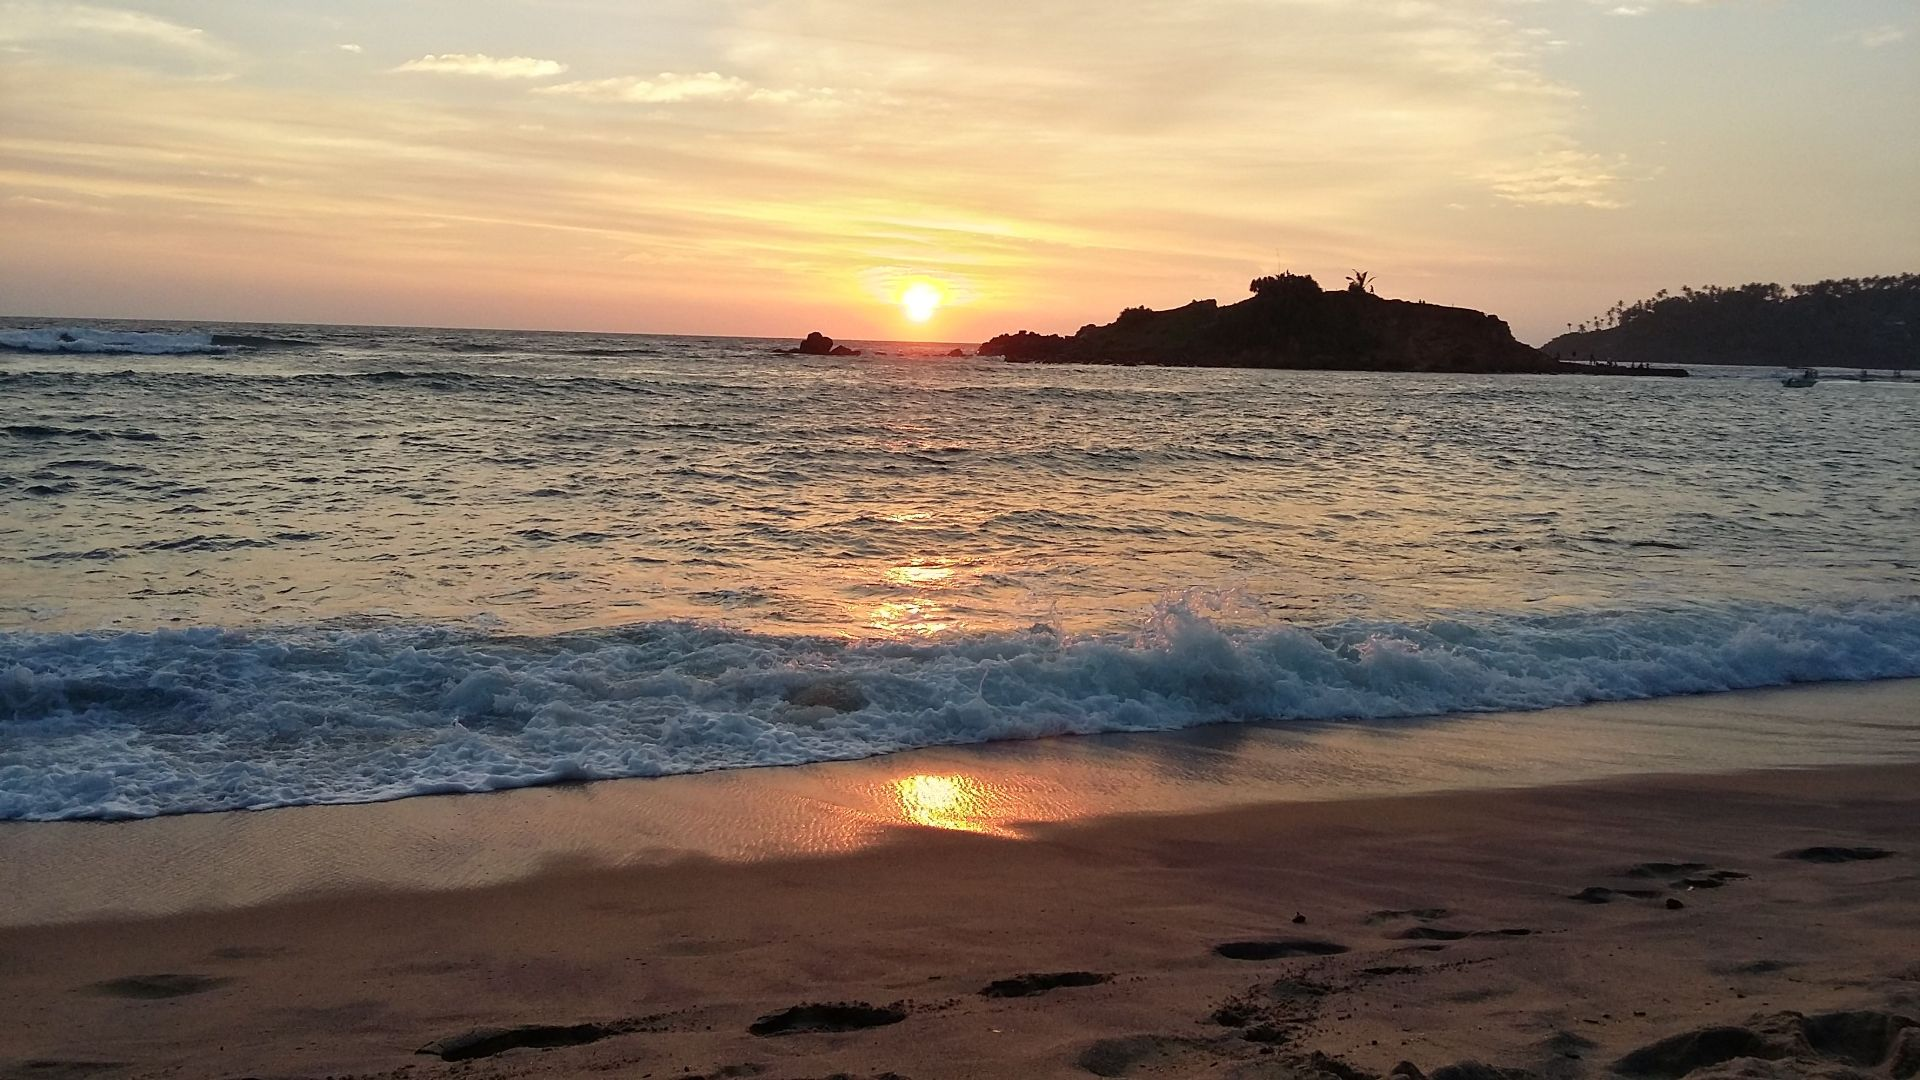 Sonnenuntergang am Strand von Mirissa